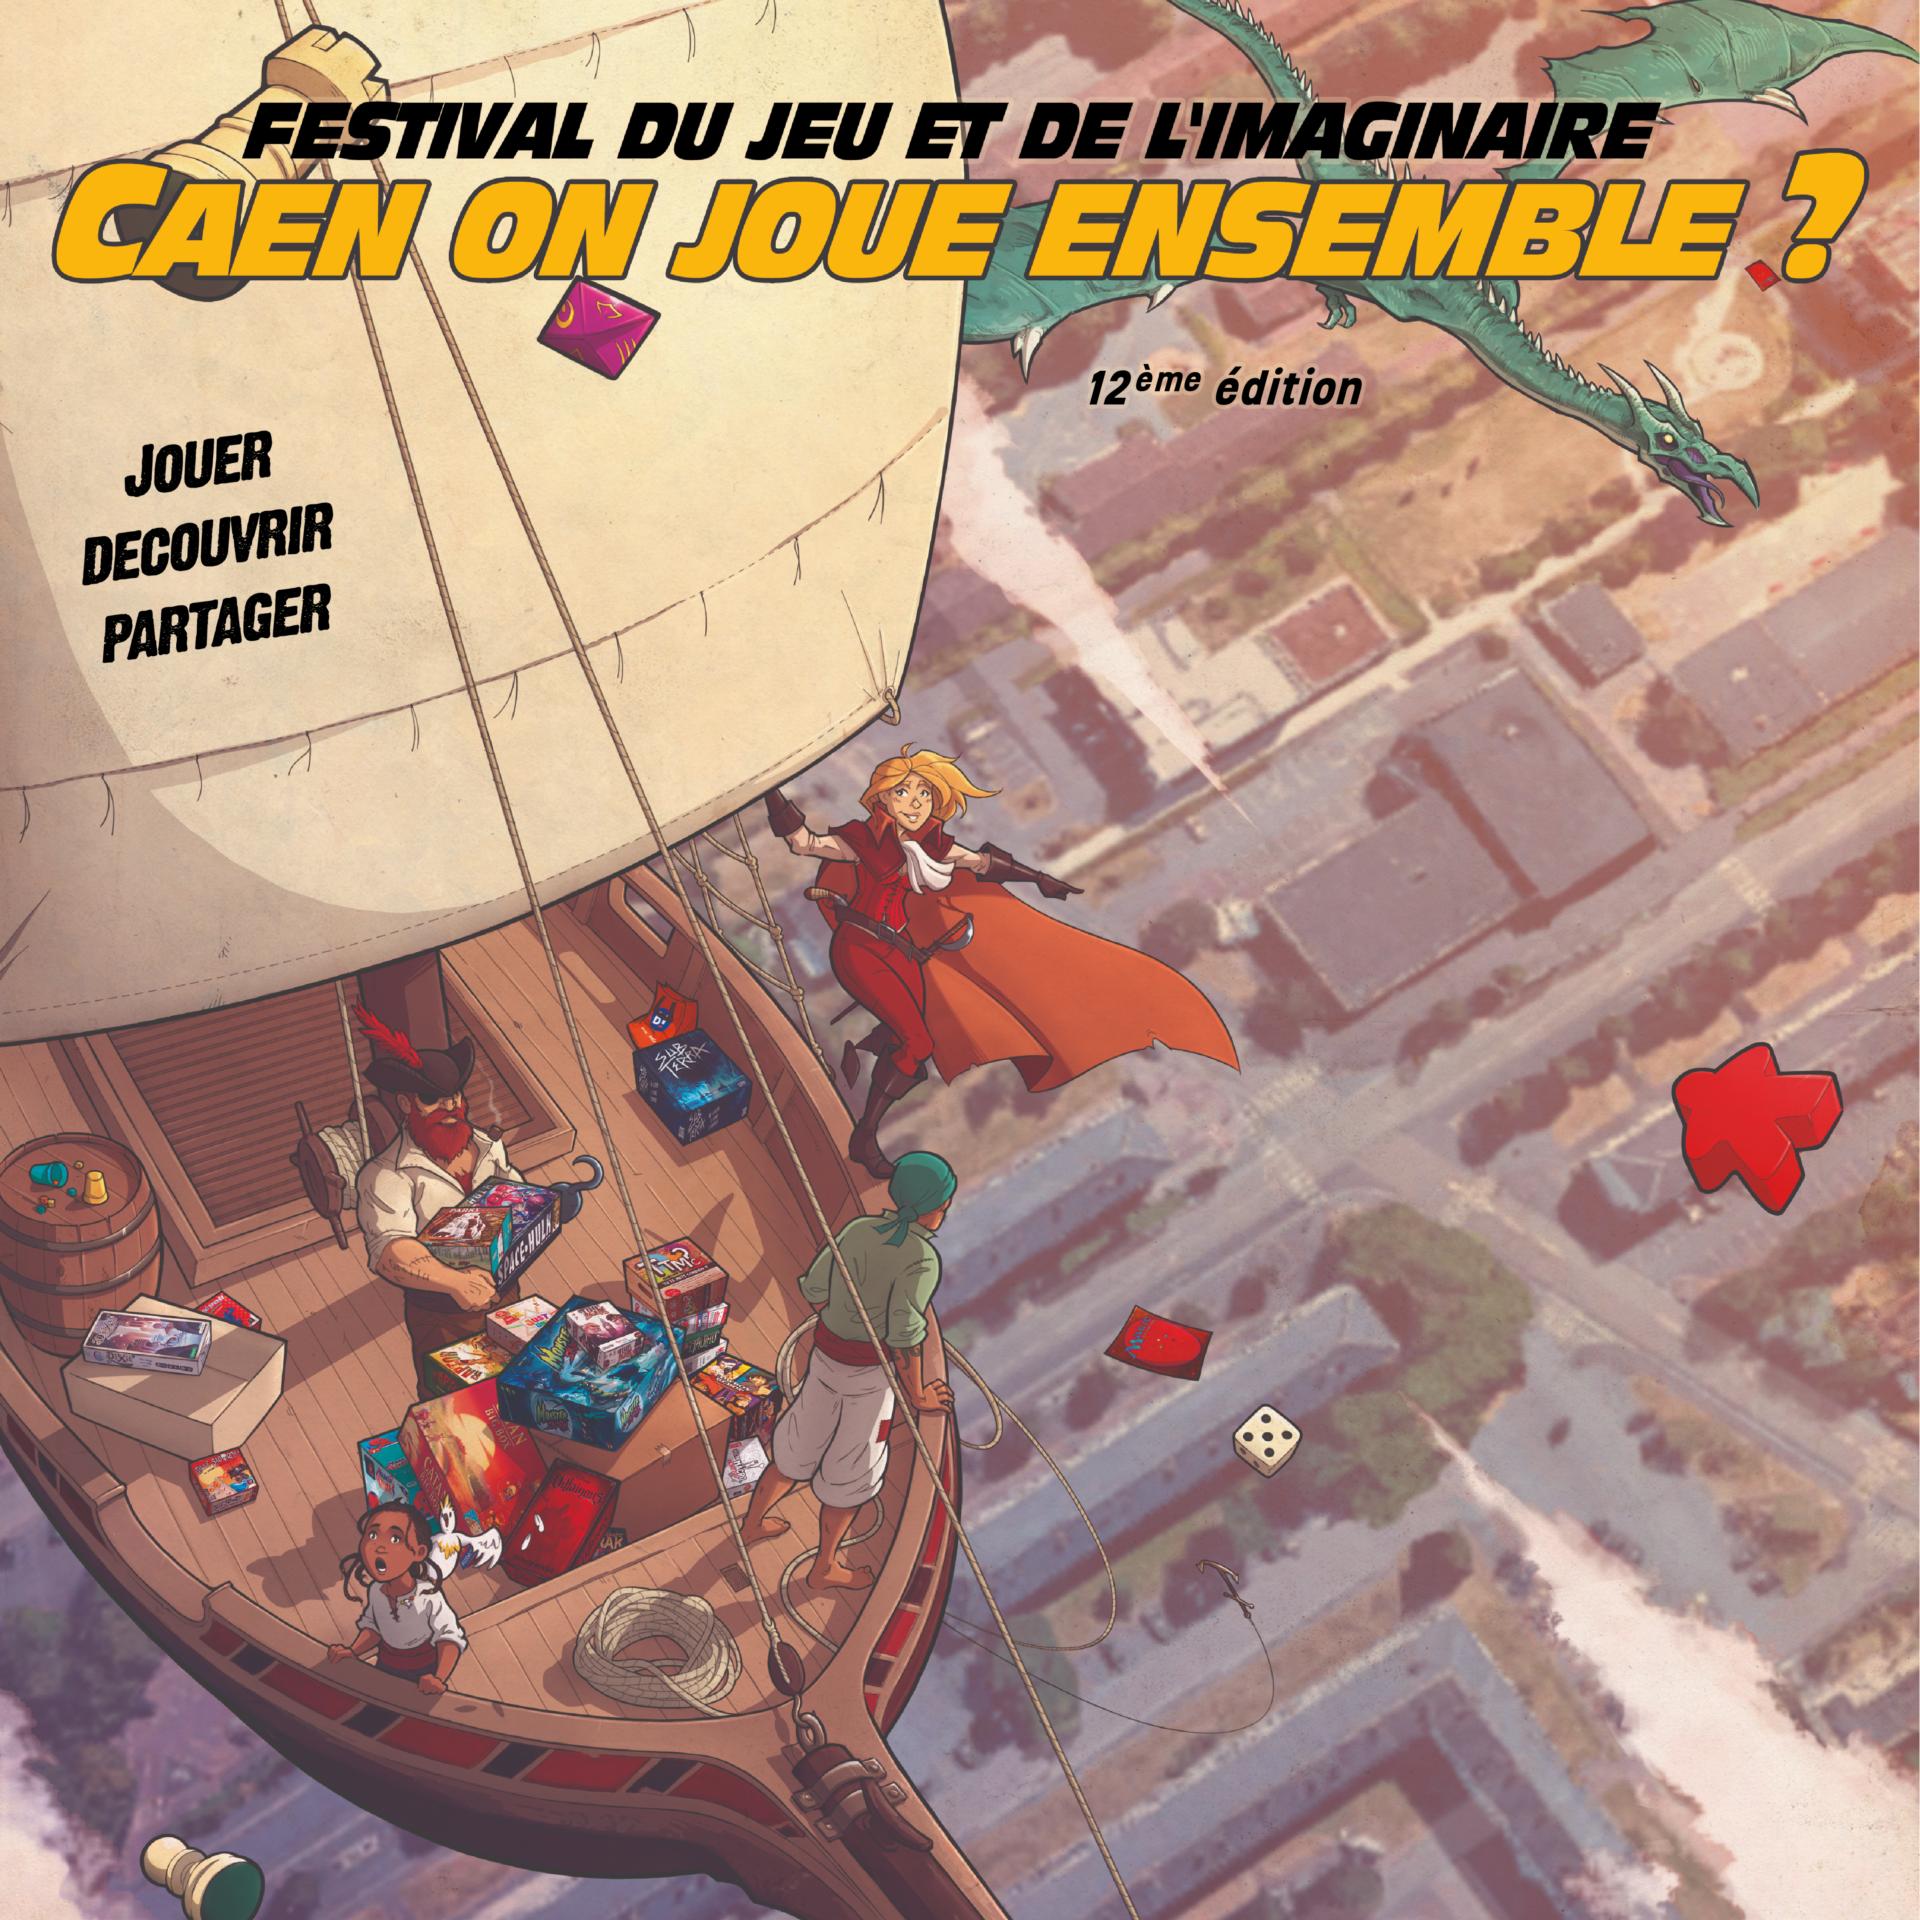 festival du jeu et de l'imaginaire 12